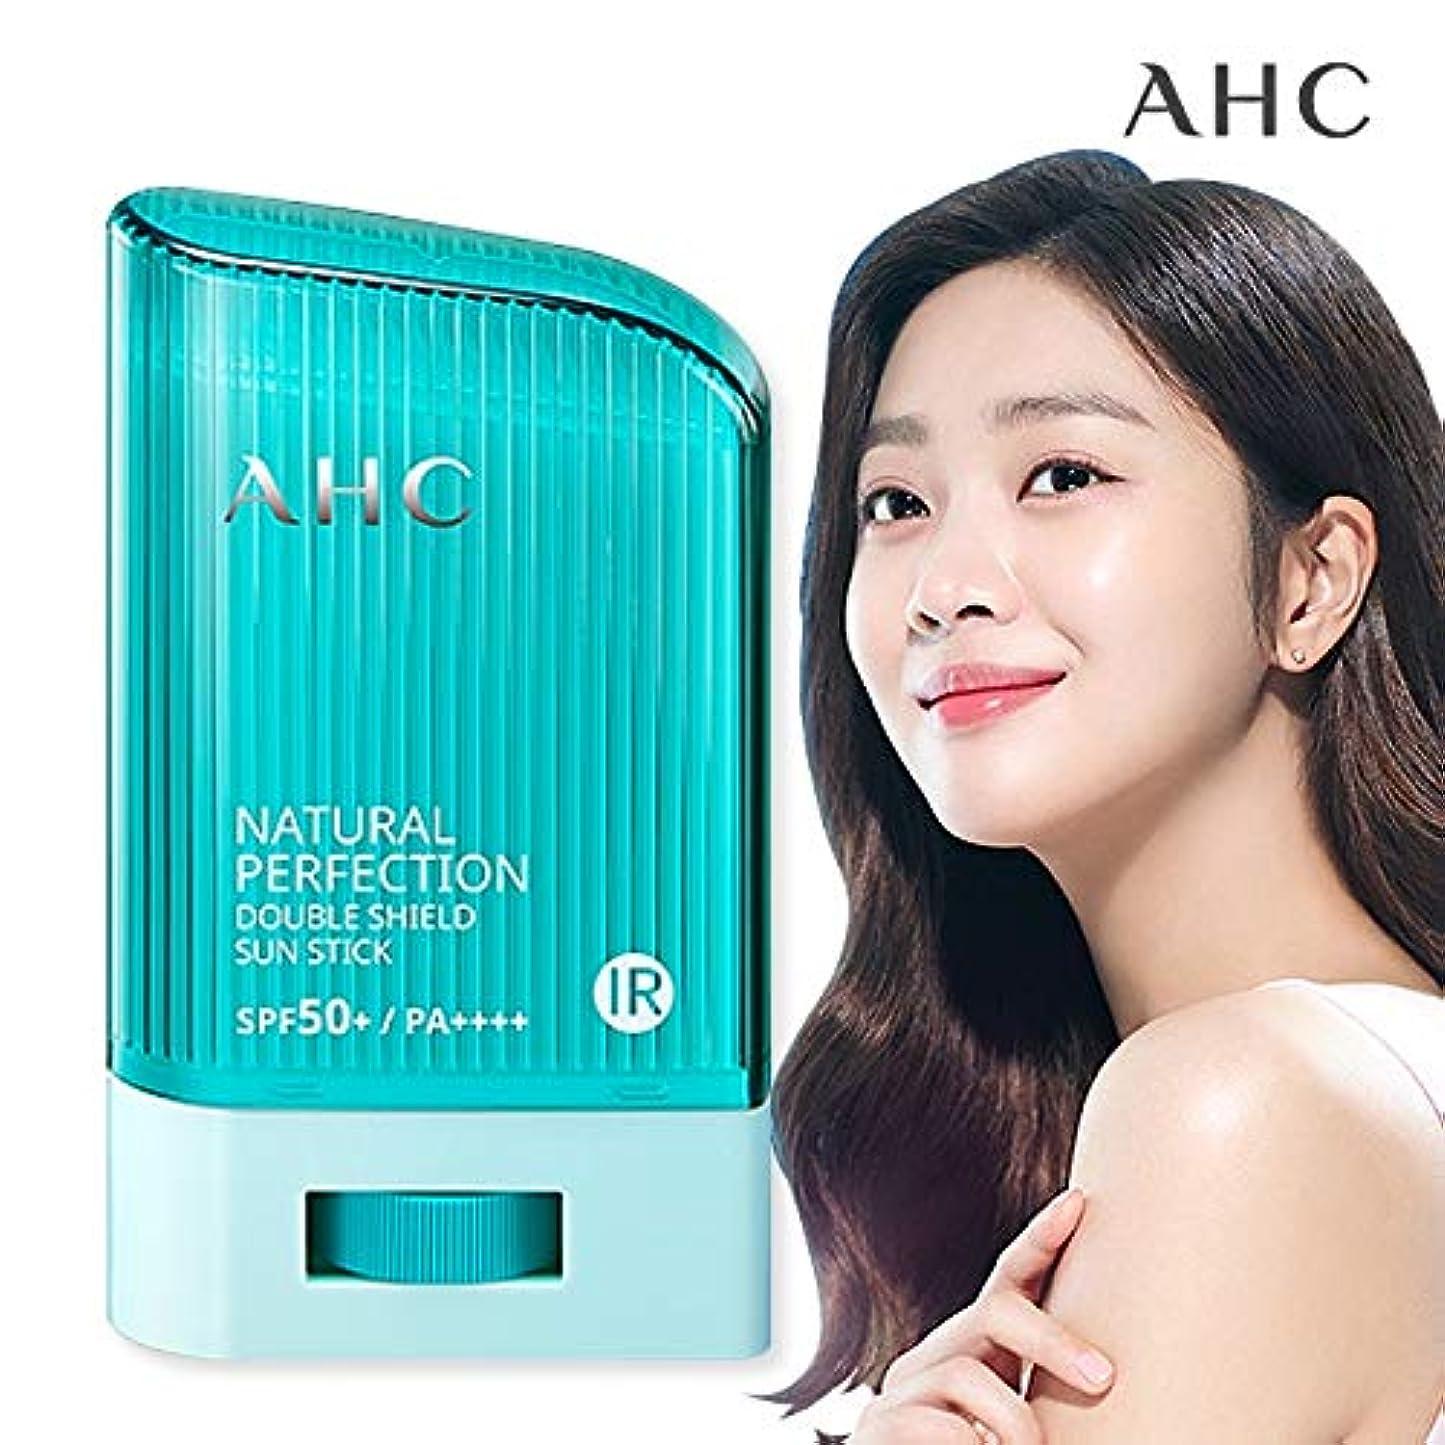 父方の行為乗算AHC ナチュラルパーフェクションダブルシールドサンスティック 22g, SPF50+ PA++++ A.H.C Natural Perfection Double Shield Sun Stick